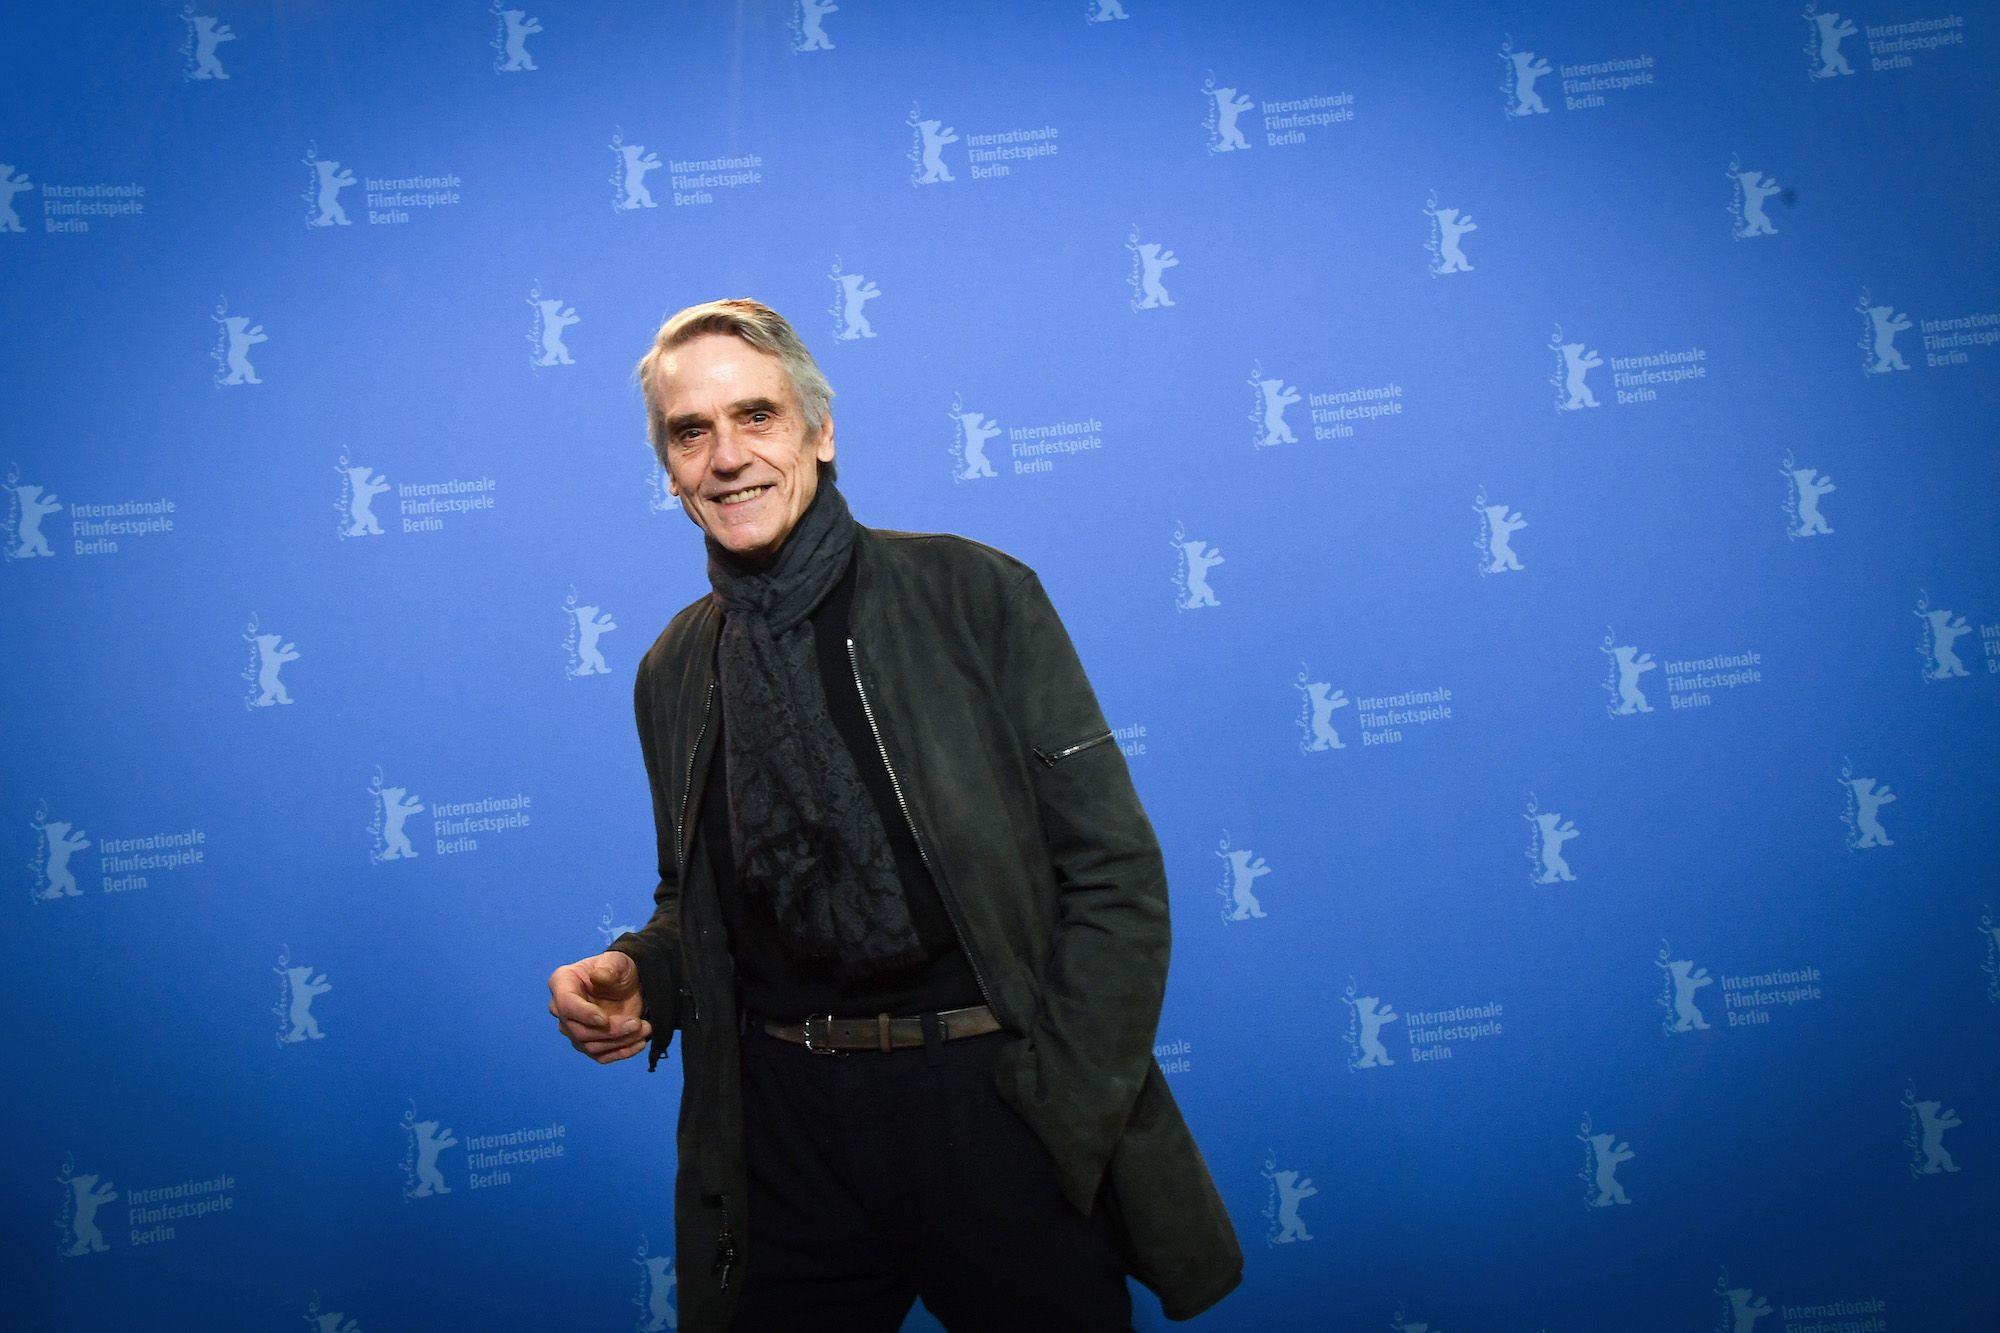 Festival de Berlín 2020, resumen - Mejores Películas Berlinale